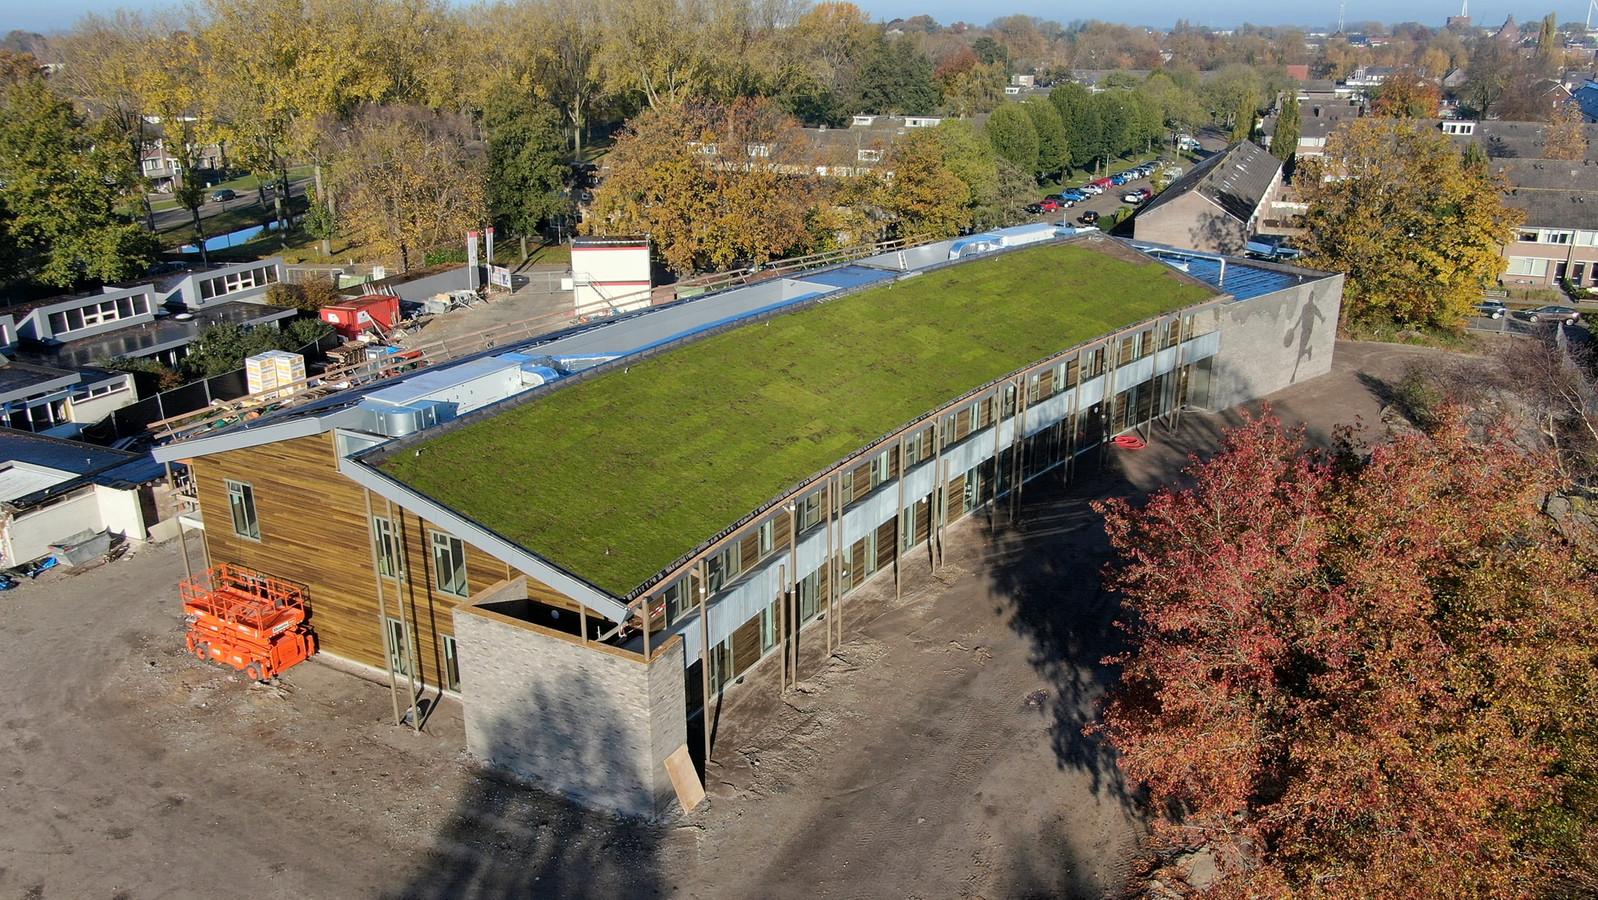 De nieuwbouw voor de basisscholen Pater van der Geld en Van der Heijden is bijna klaar.